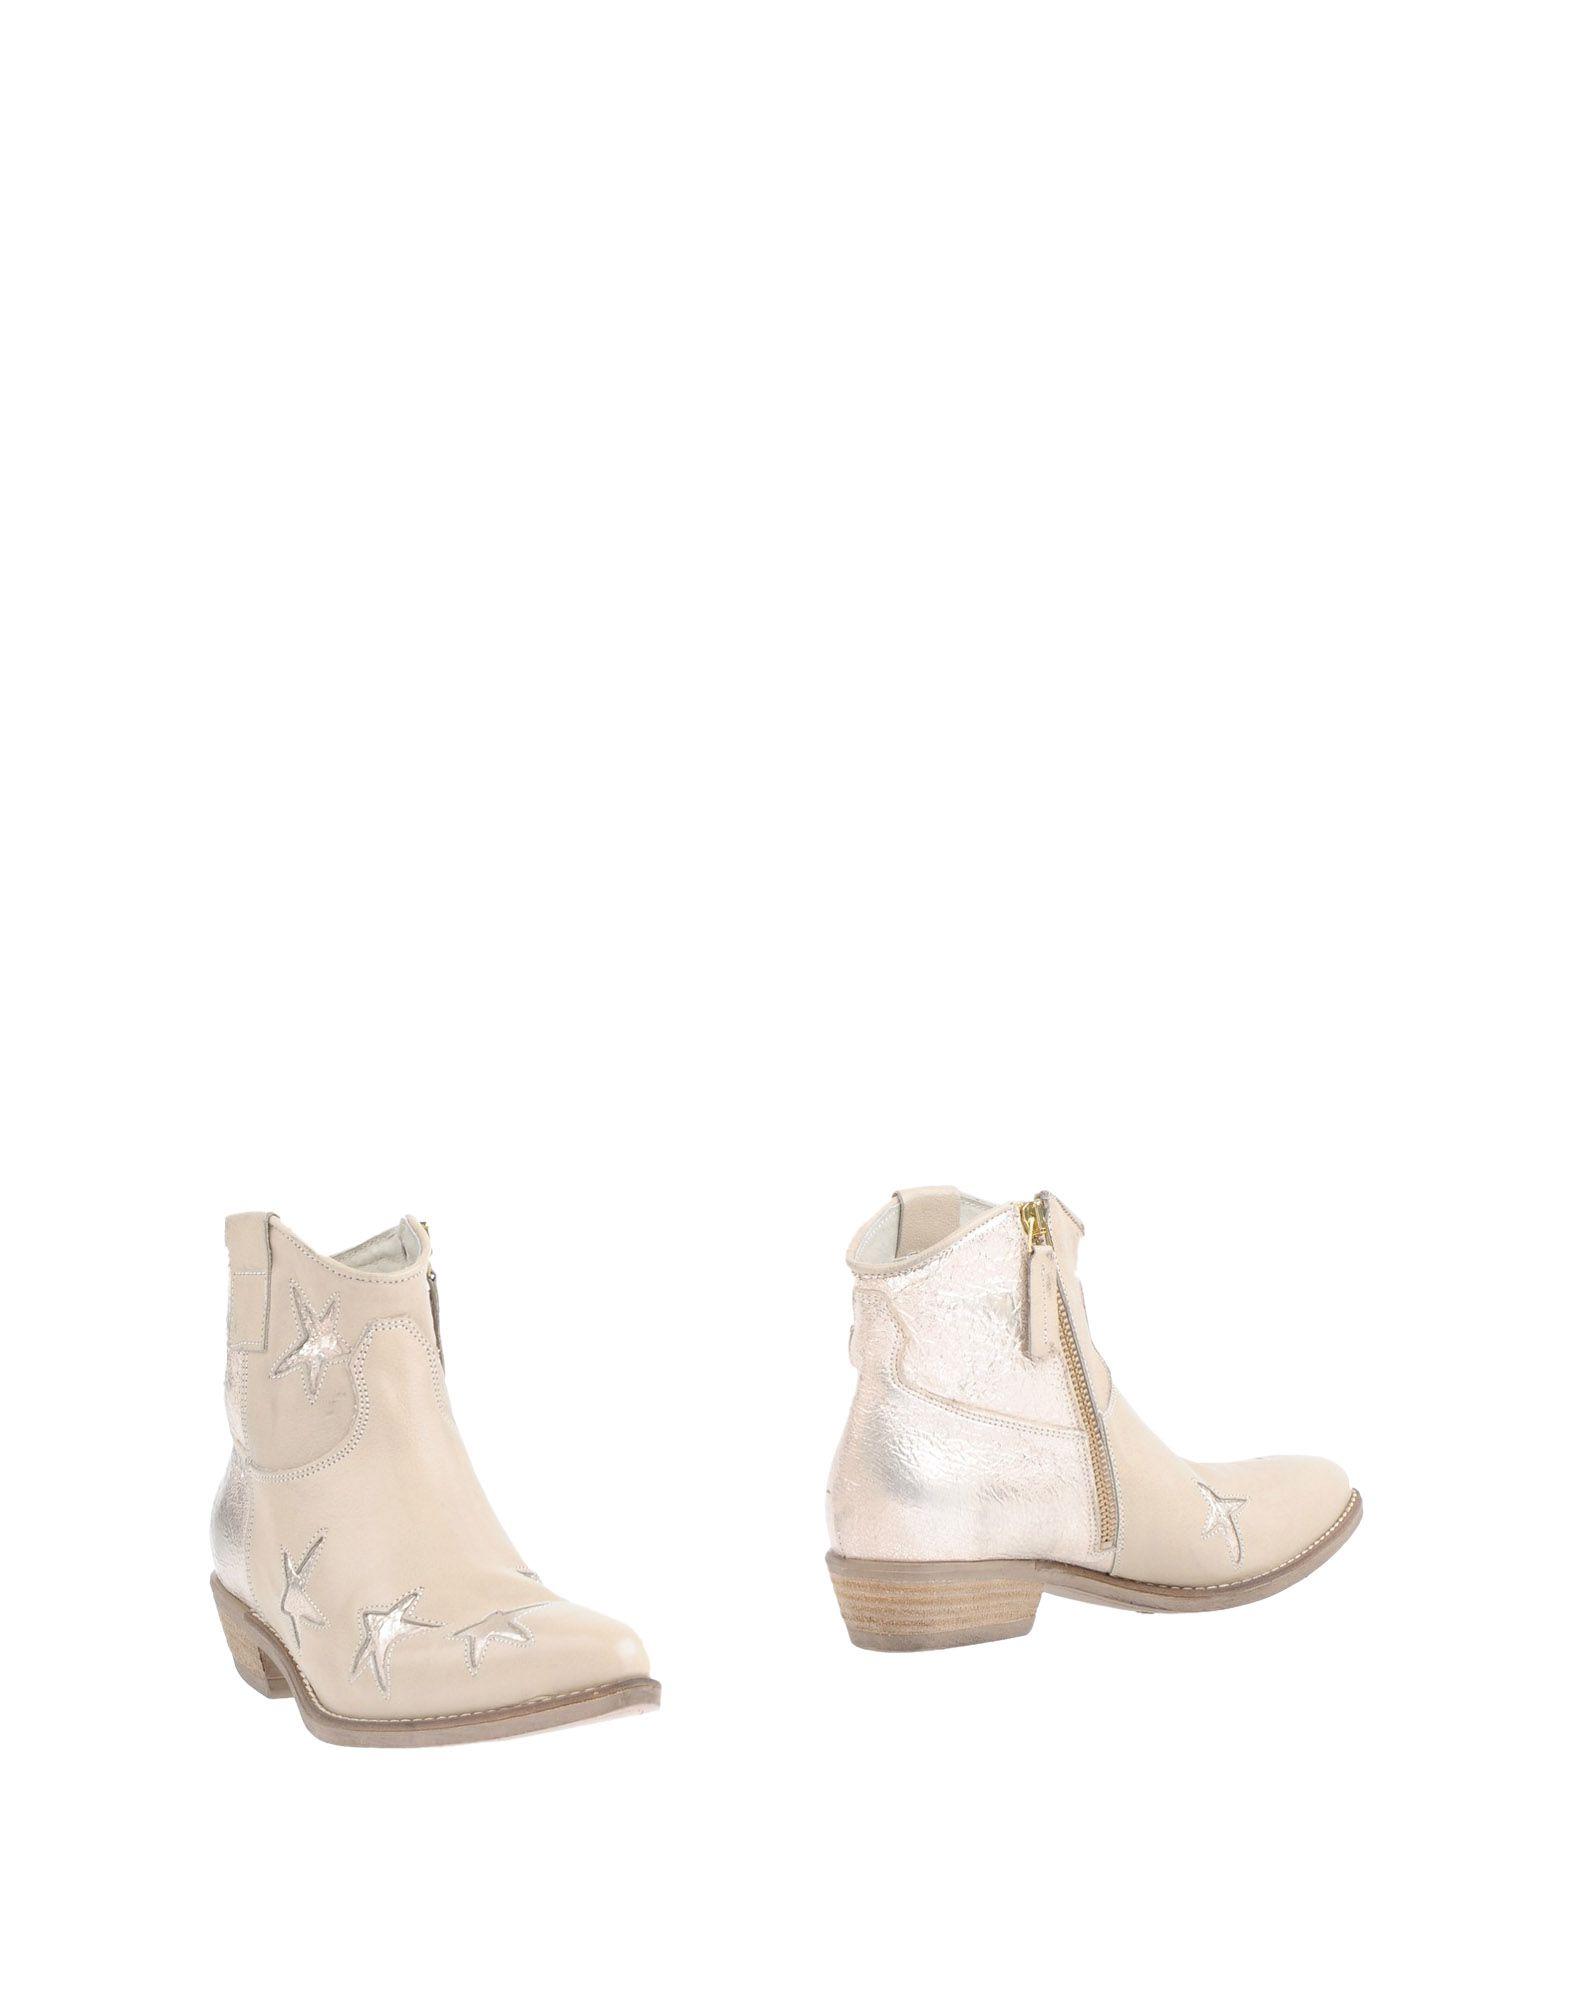 Ovye' By Cristina Qualität Lucchi Stiefelette Damen  11333199GM Gute Qualität Cristina beliebte Schuhe ad0d1f